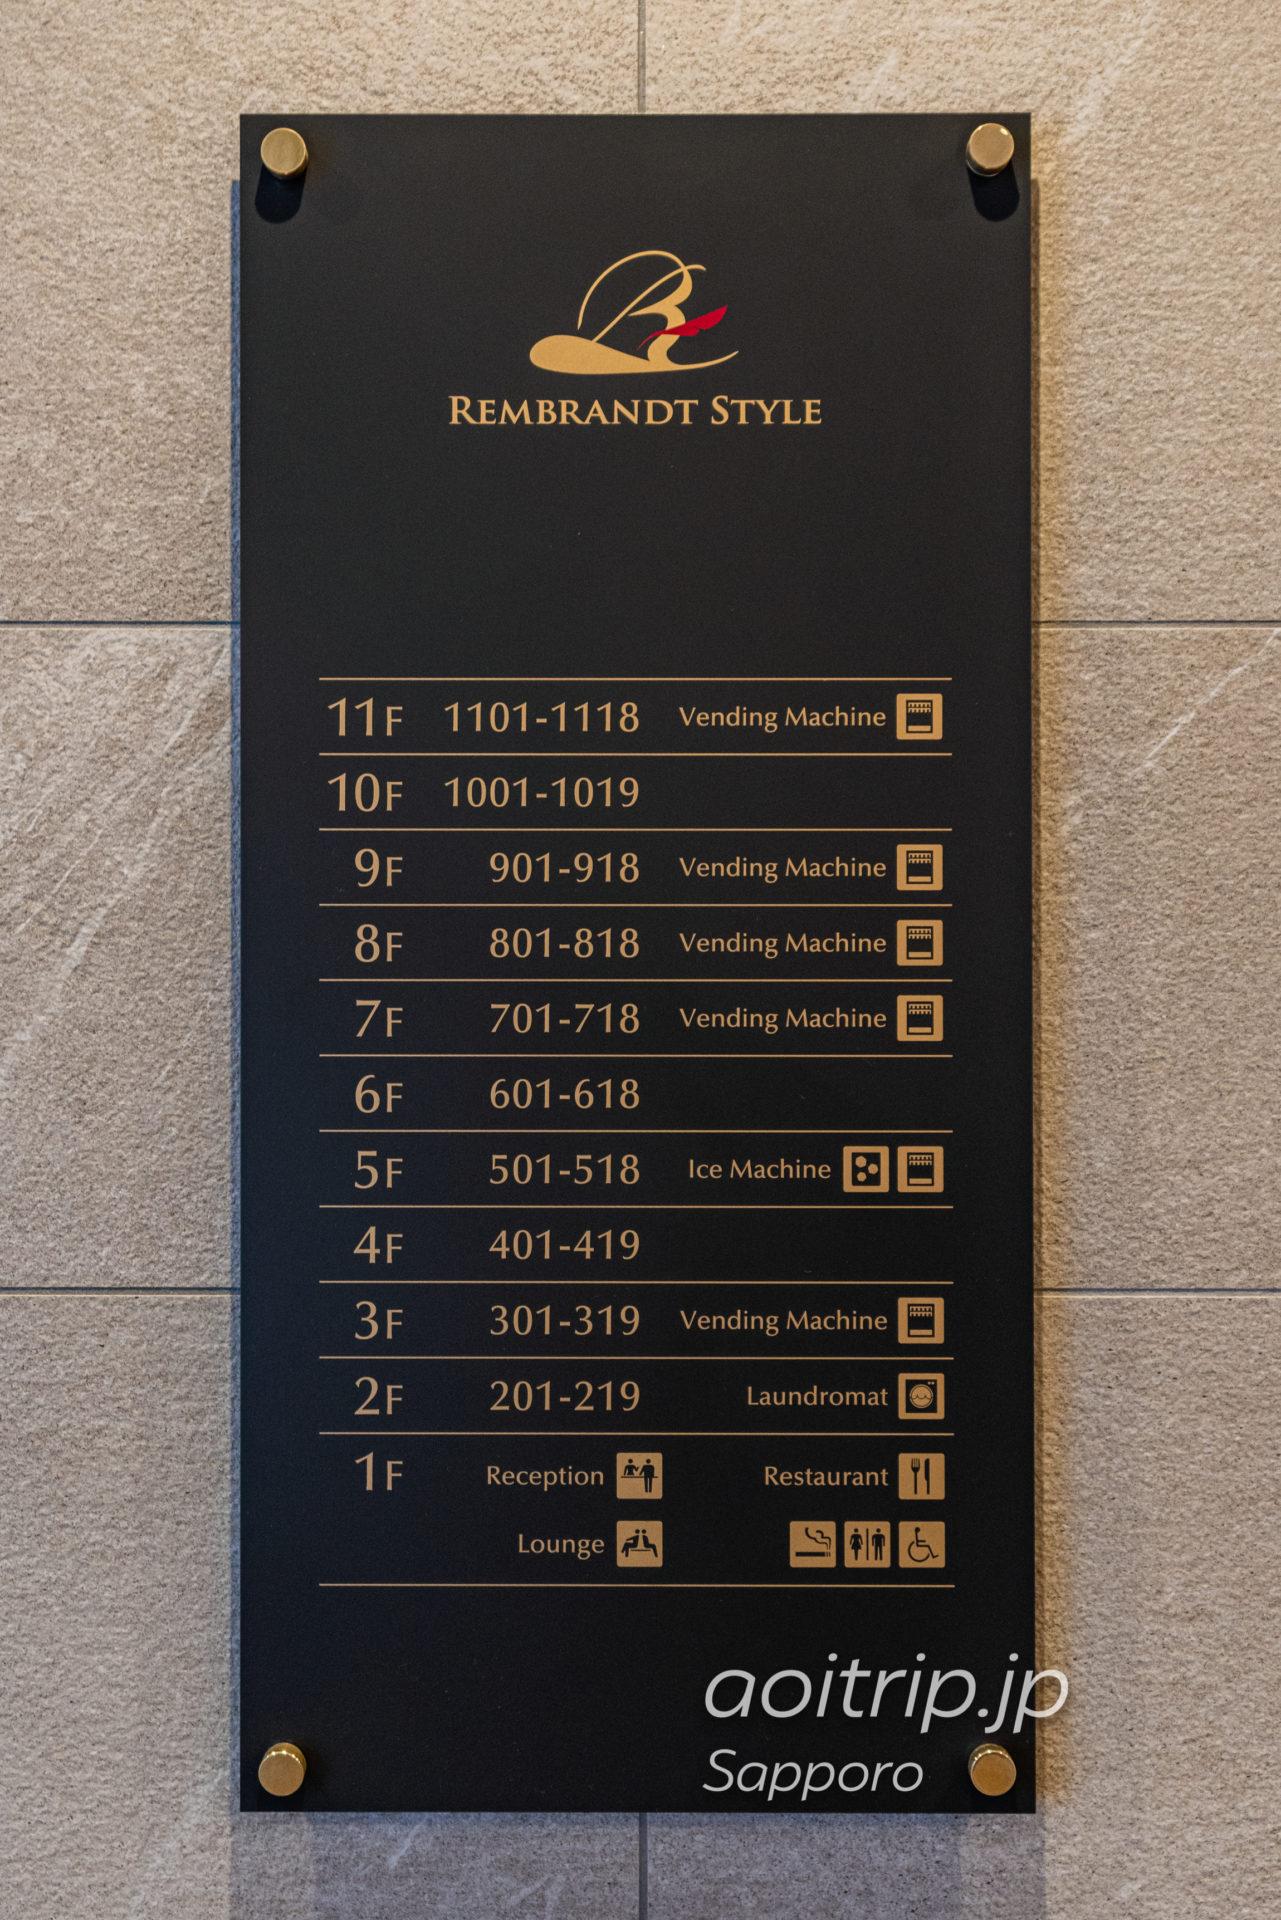 レンブラントスタイル札幌の館内案内